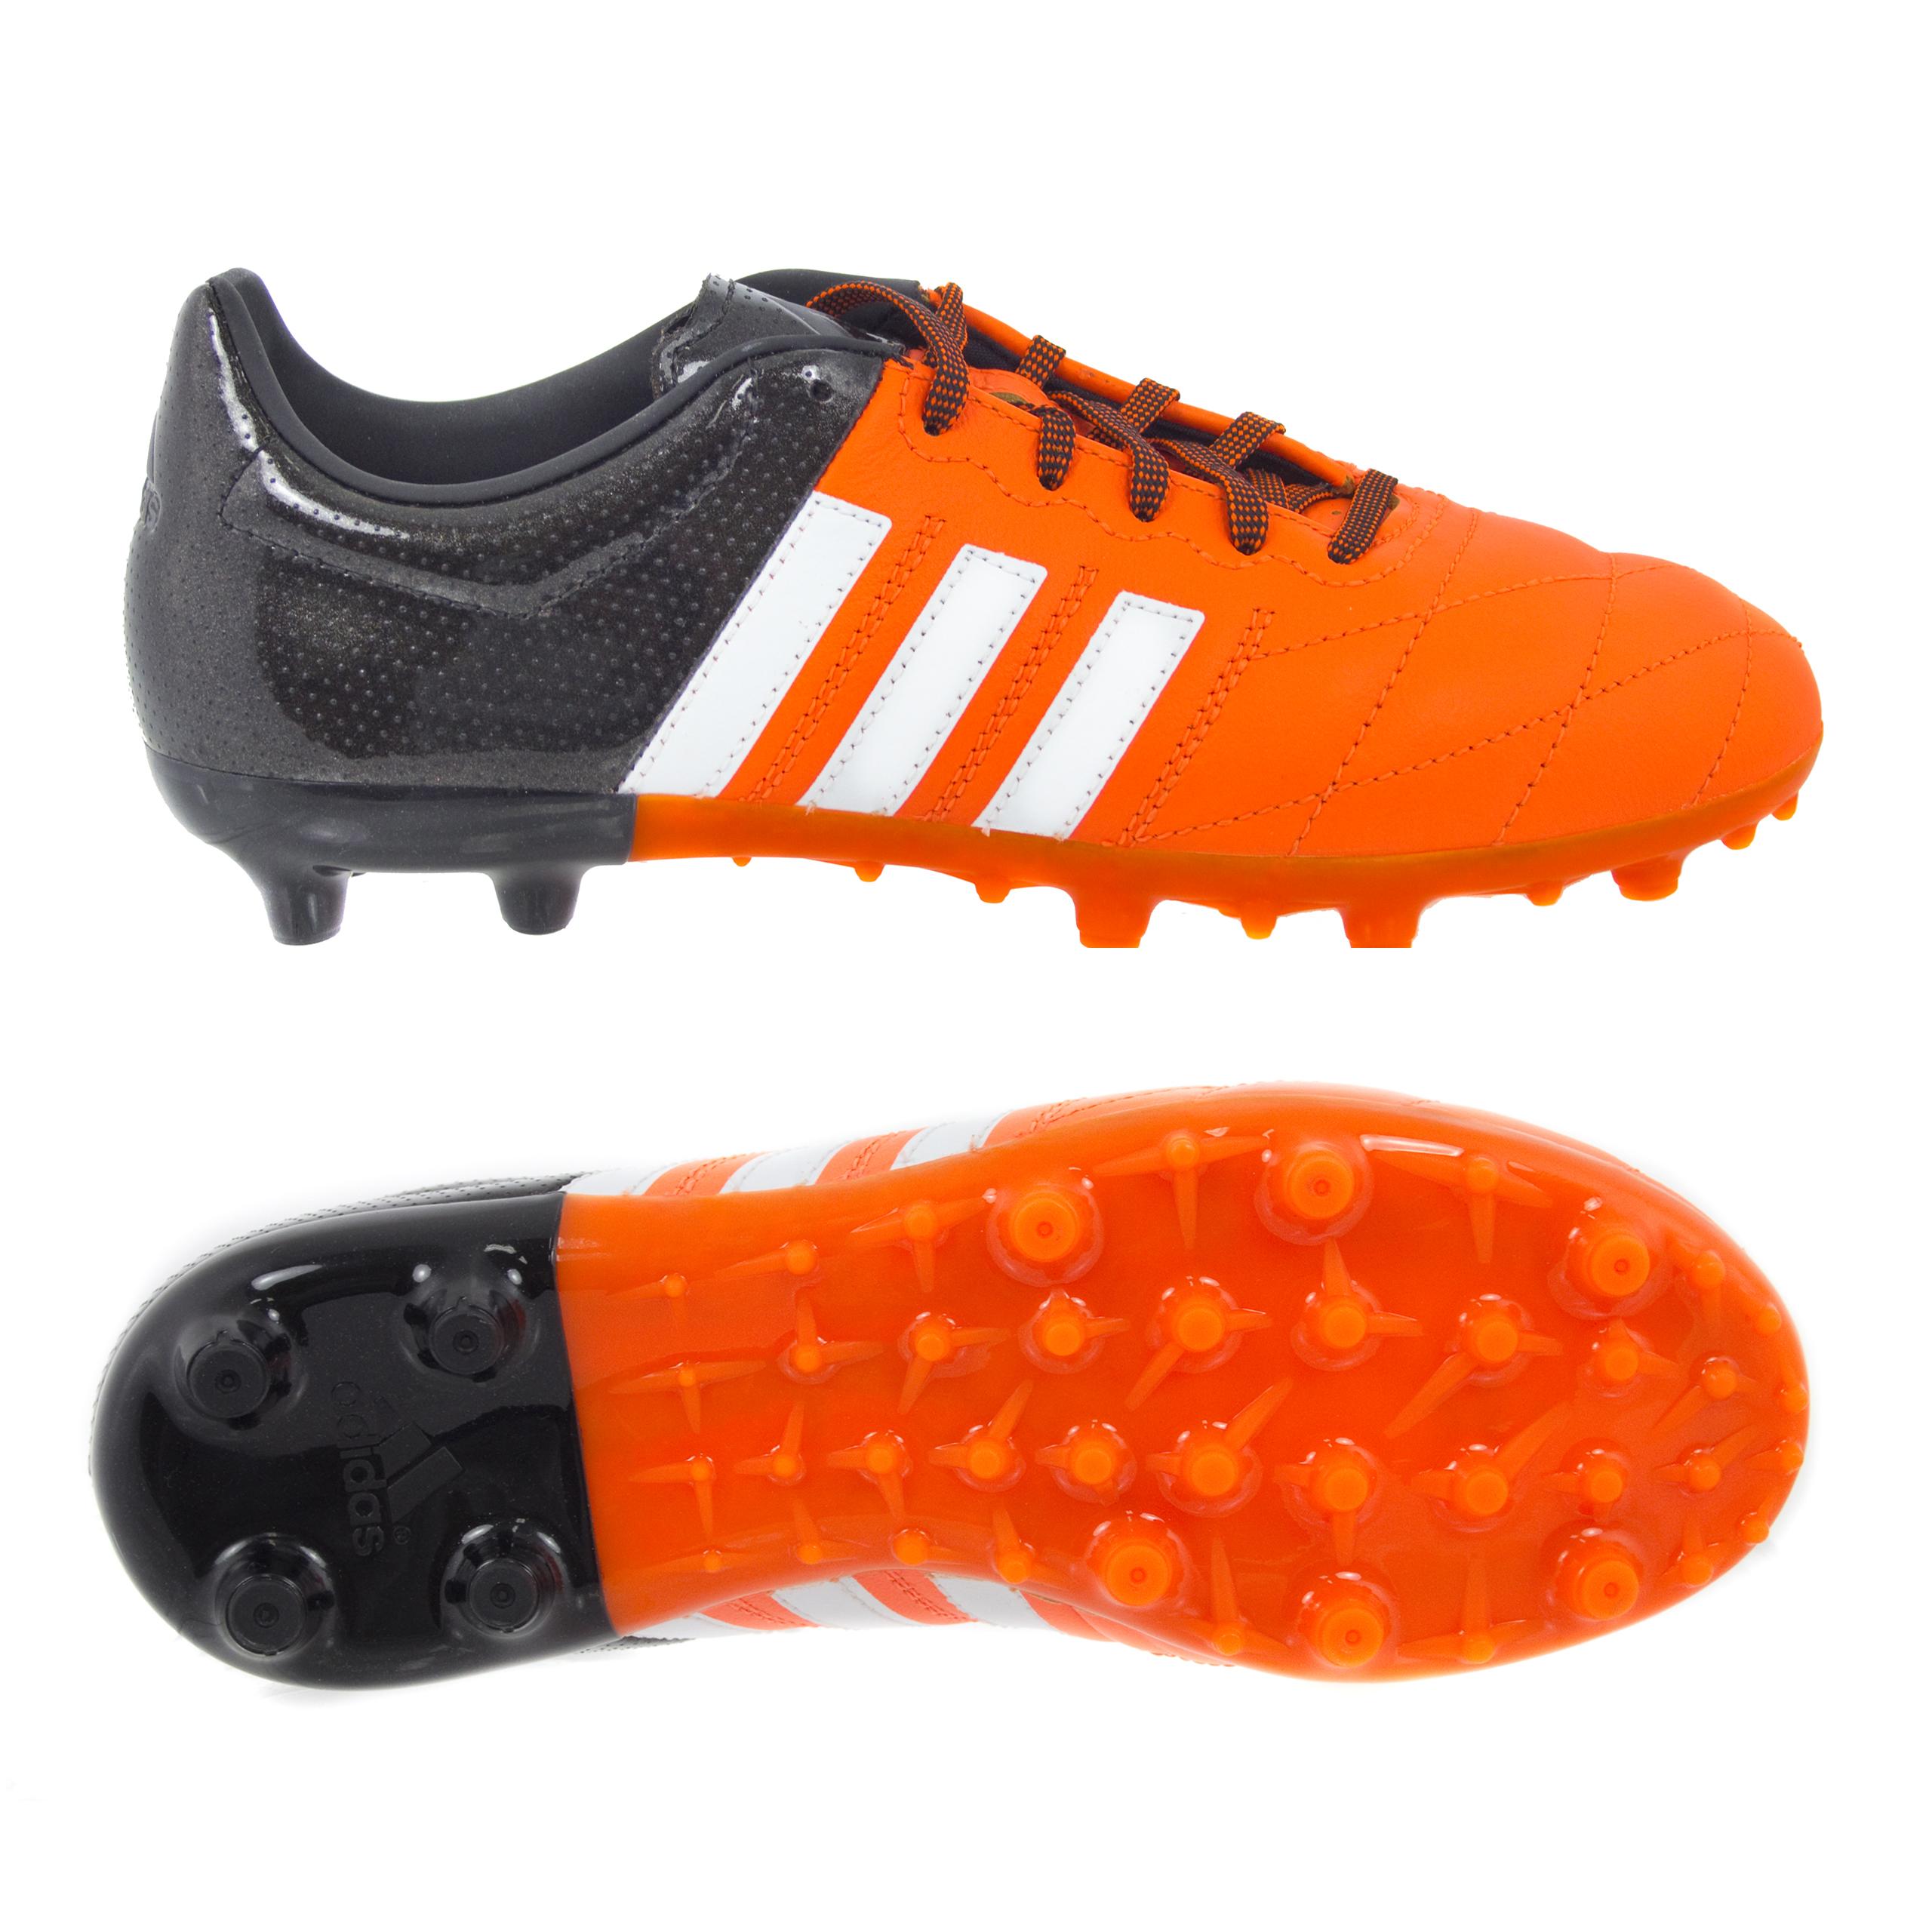 be3ded4d1c764d Kinder Fußballschuhe Fußball Schuhe ACE 15.3 FG AG LEATHER J Adidas ...